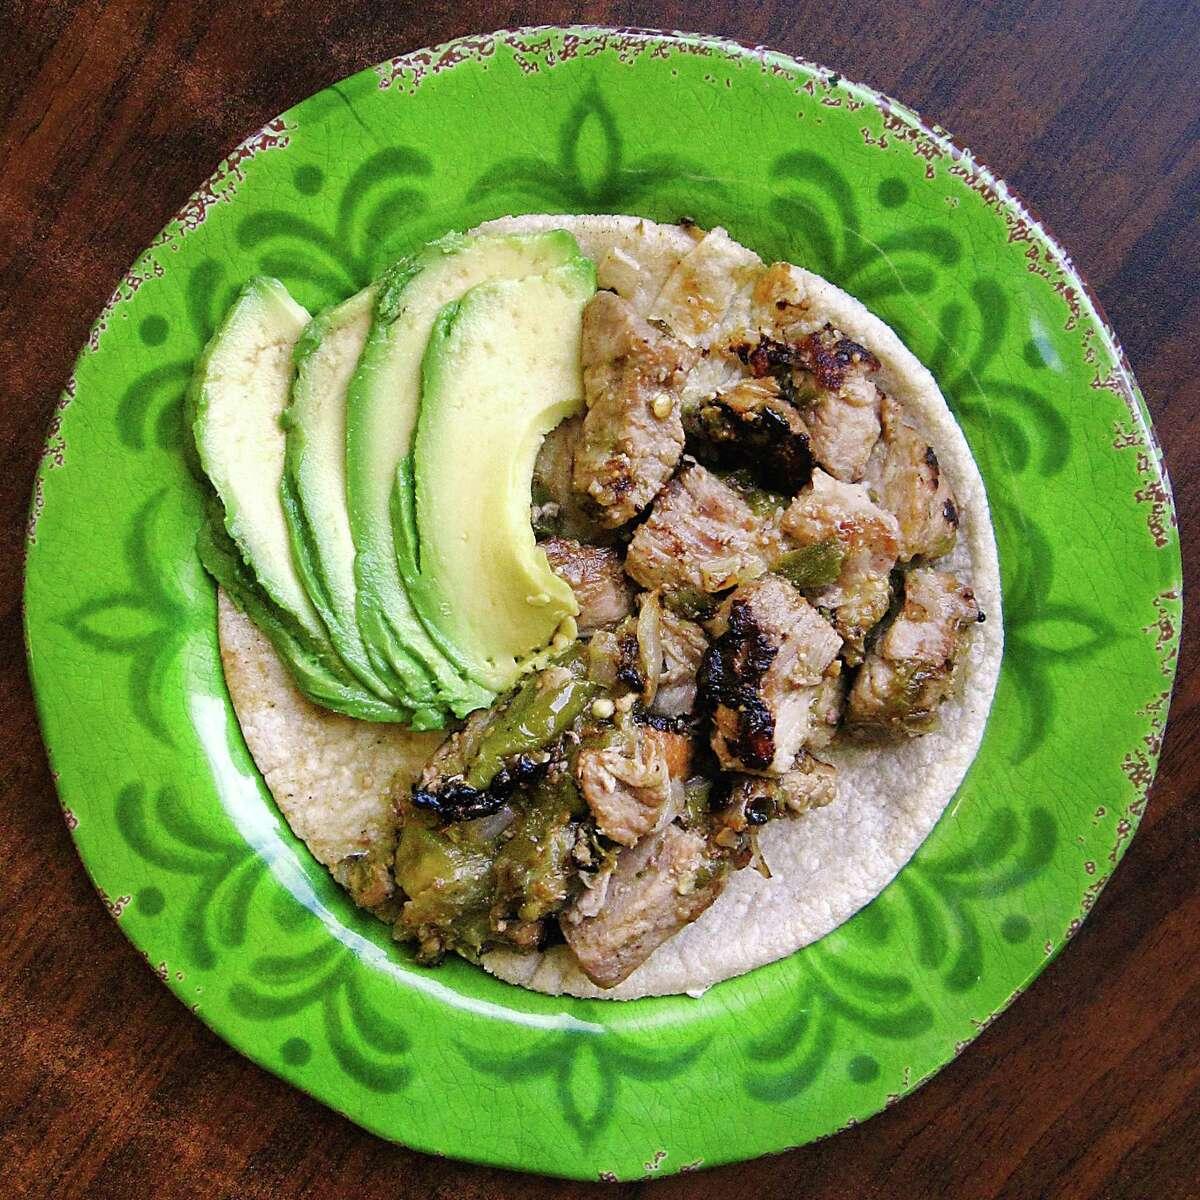 Taco of the Week: El Paraiso de Jalisco on South Loop 1604 West in Somerset near San Antonio.